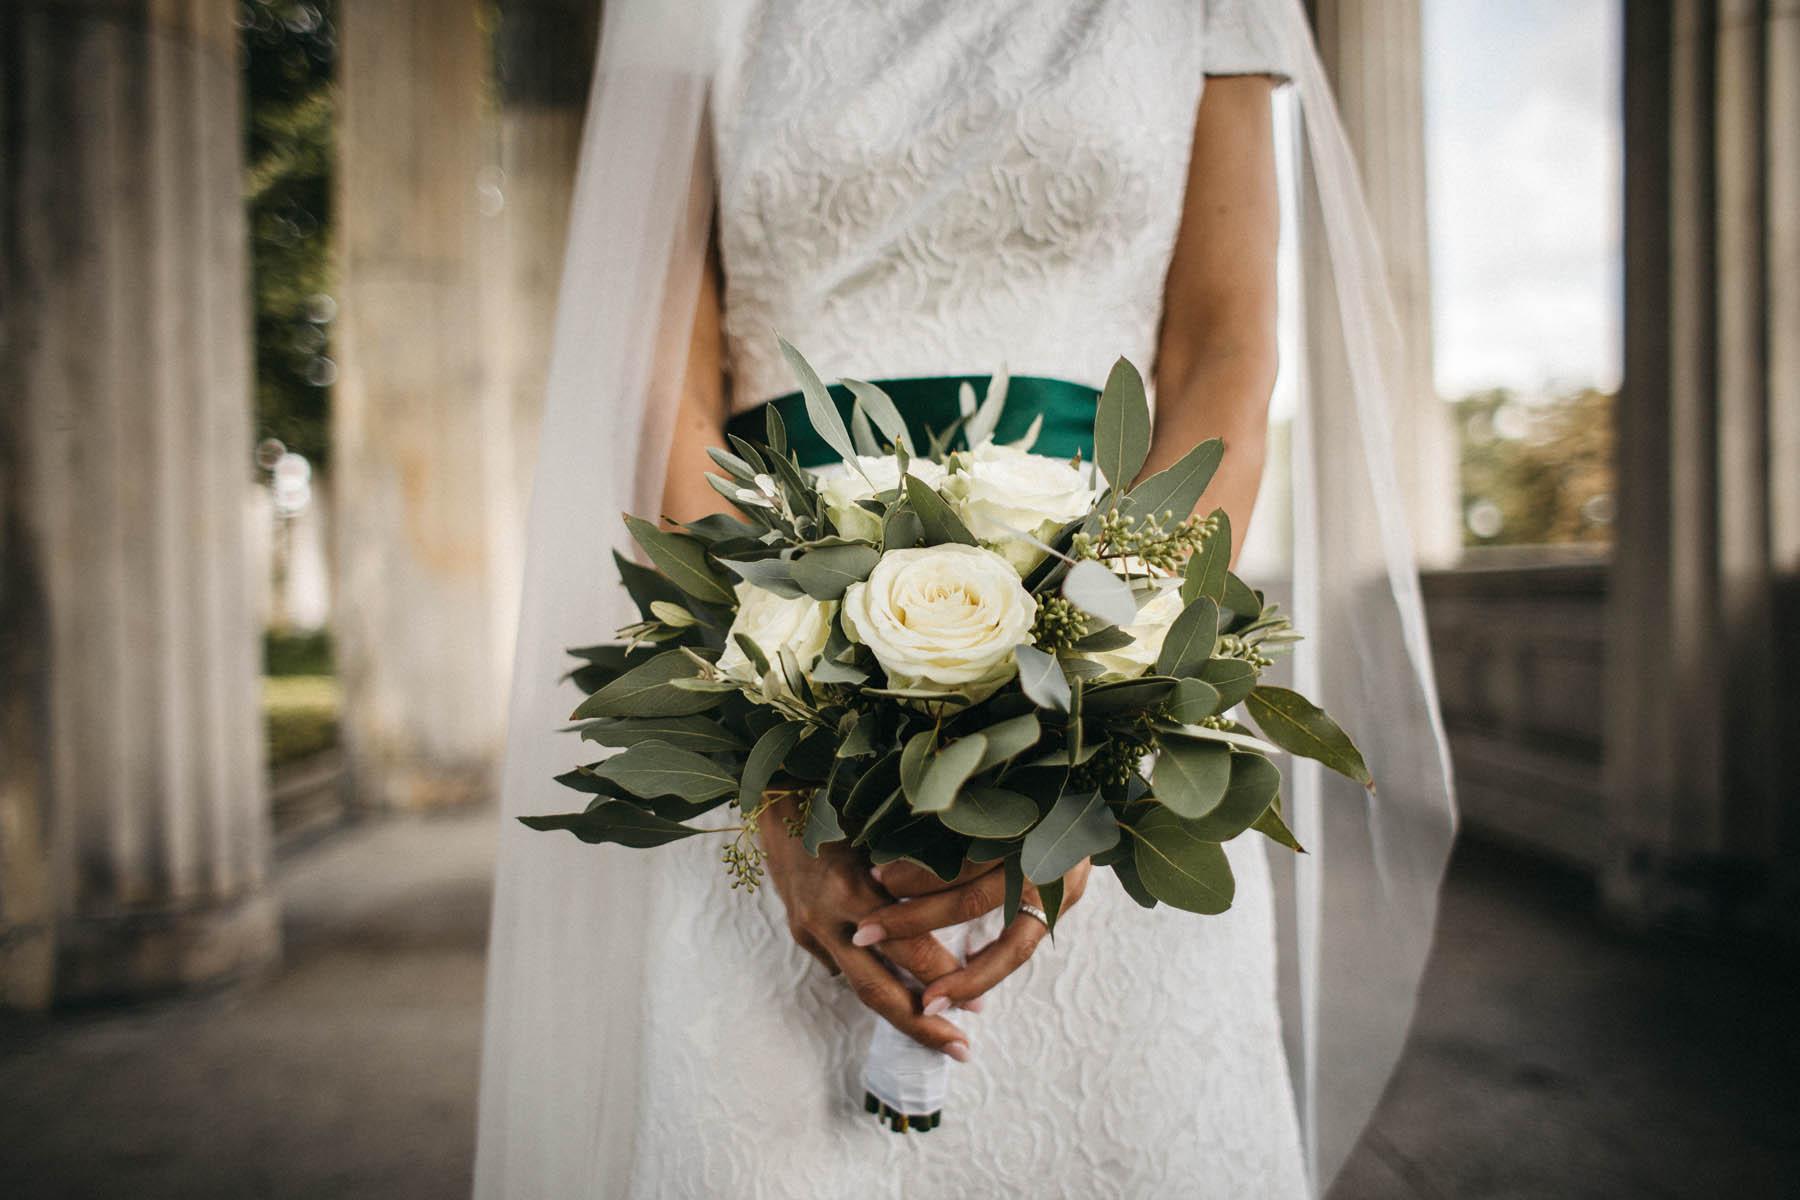 Moderner Vintage Brautstrauss mit weissen Roßen und Eukalyptus. Raissa + Simon Fotografie